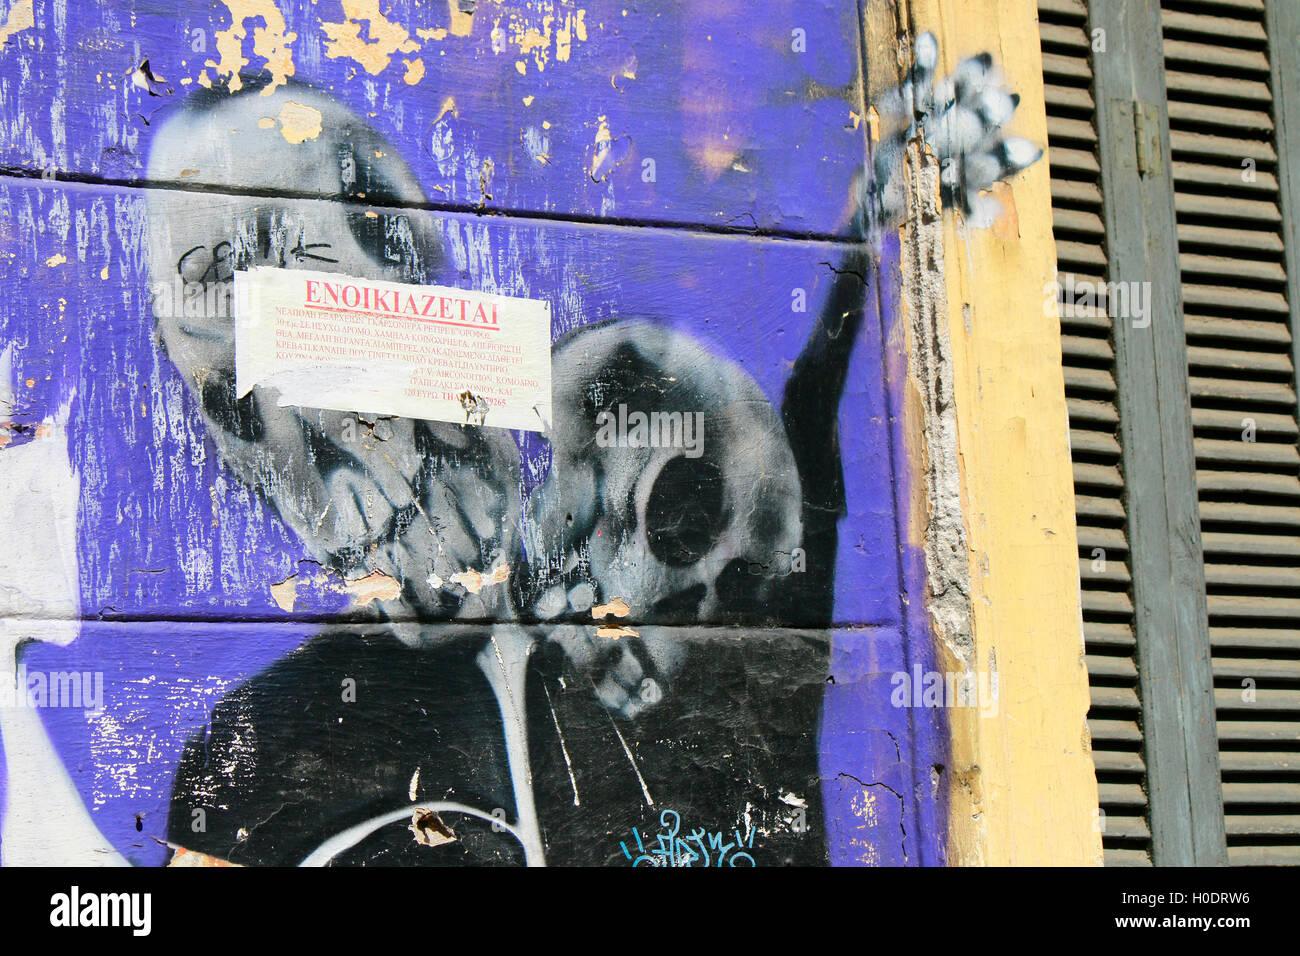 Graffity - Impressionen, Wirtschaftskrise Griechenland, 5. April 2016, Athen, Griechenland. Stock Photo